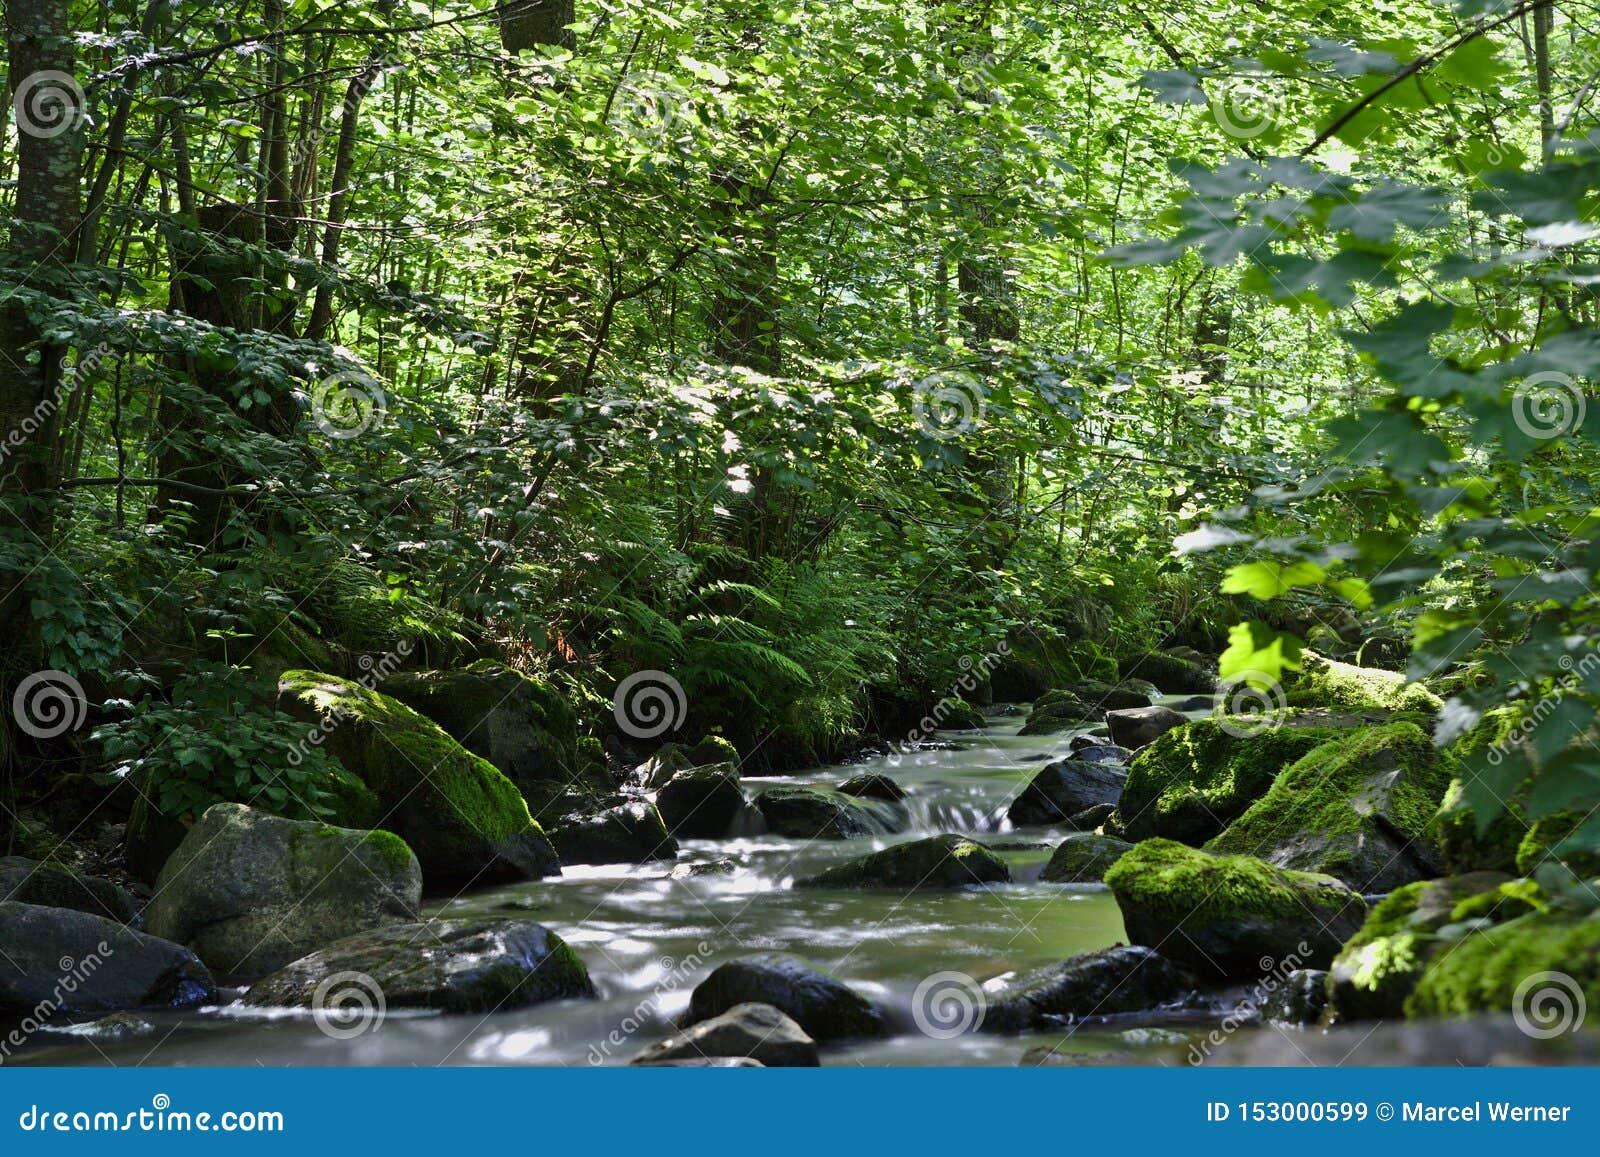 Wild River in the woods of the Ravennaschlucht